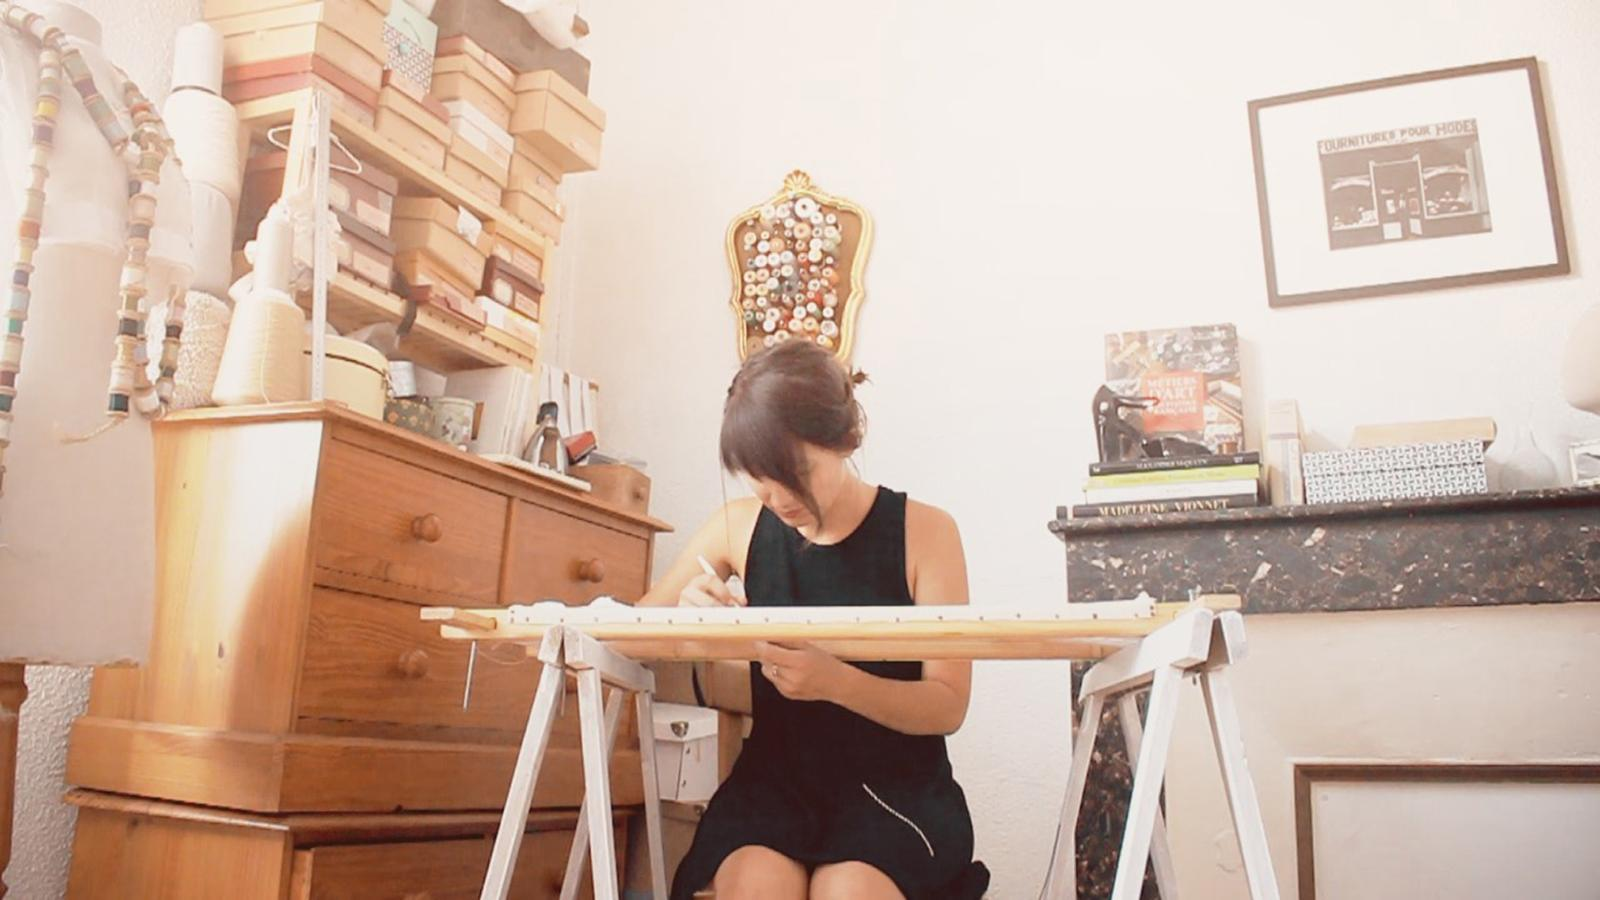 Capucine Herveau dans son atelier. ©Clément H.